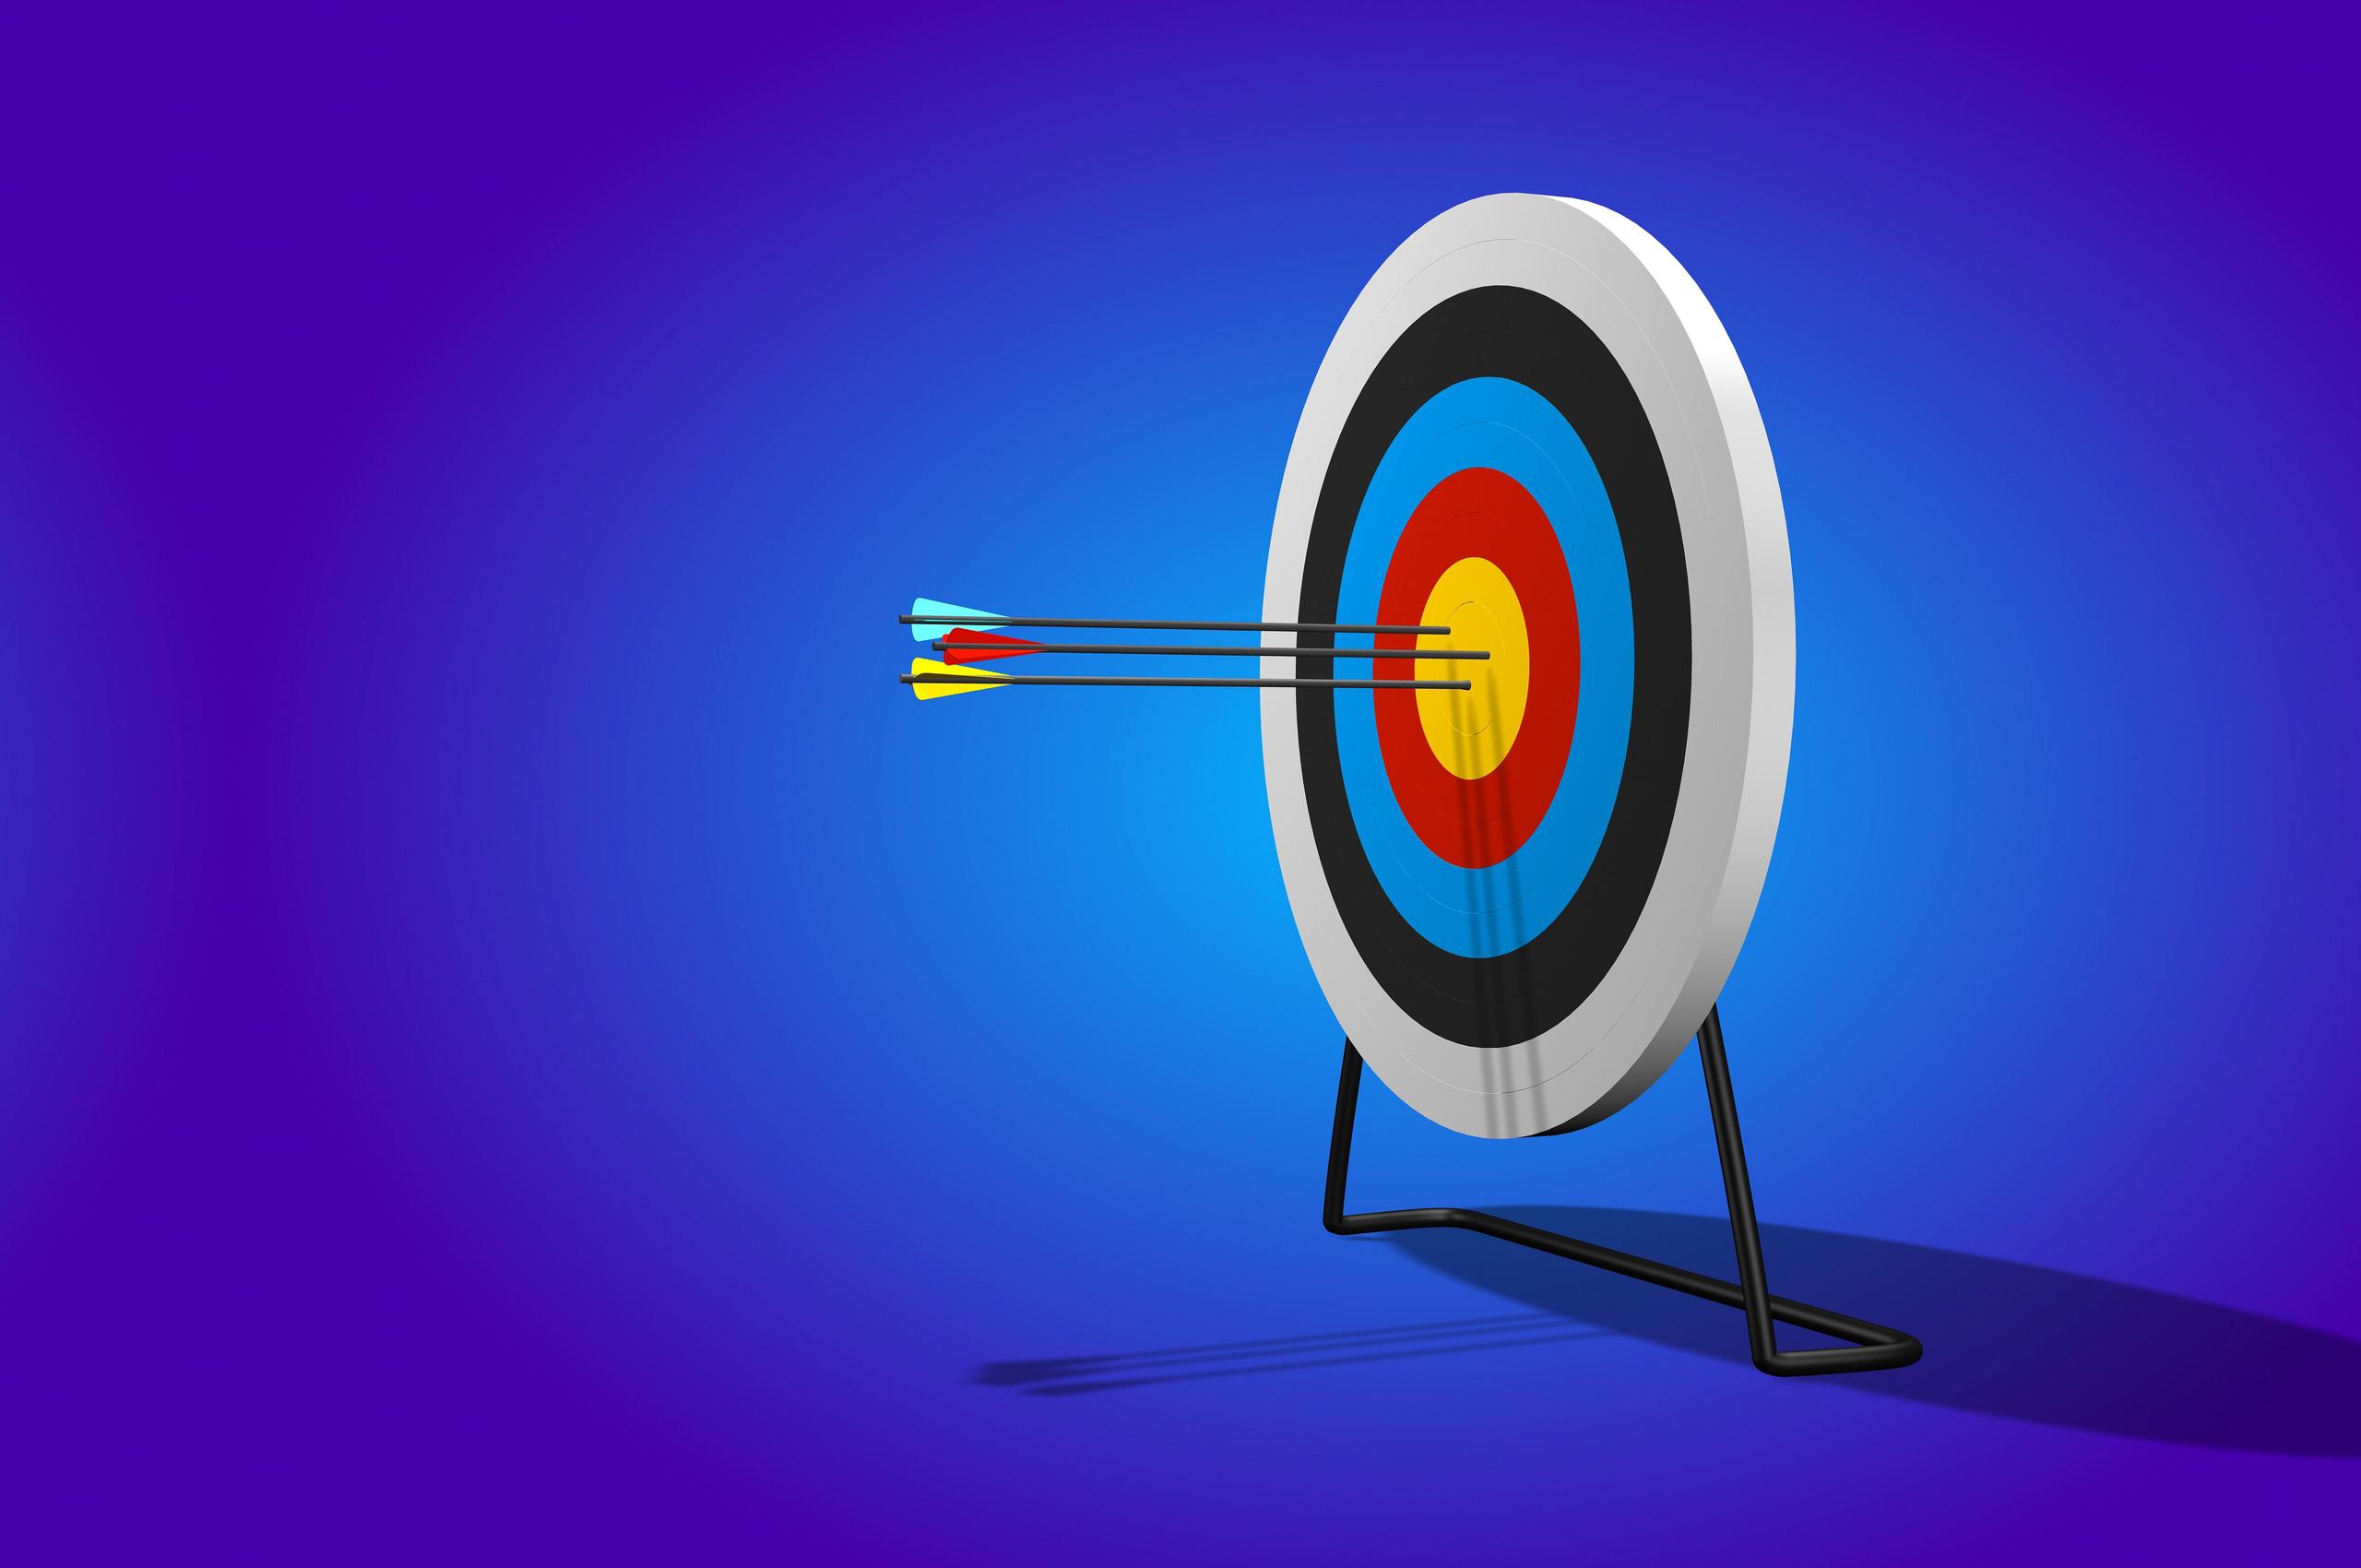 arrow-target-sport-5k-st.jpg